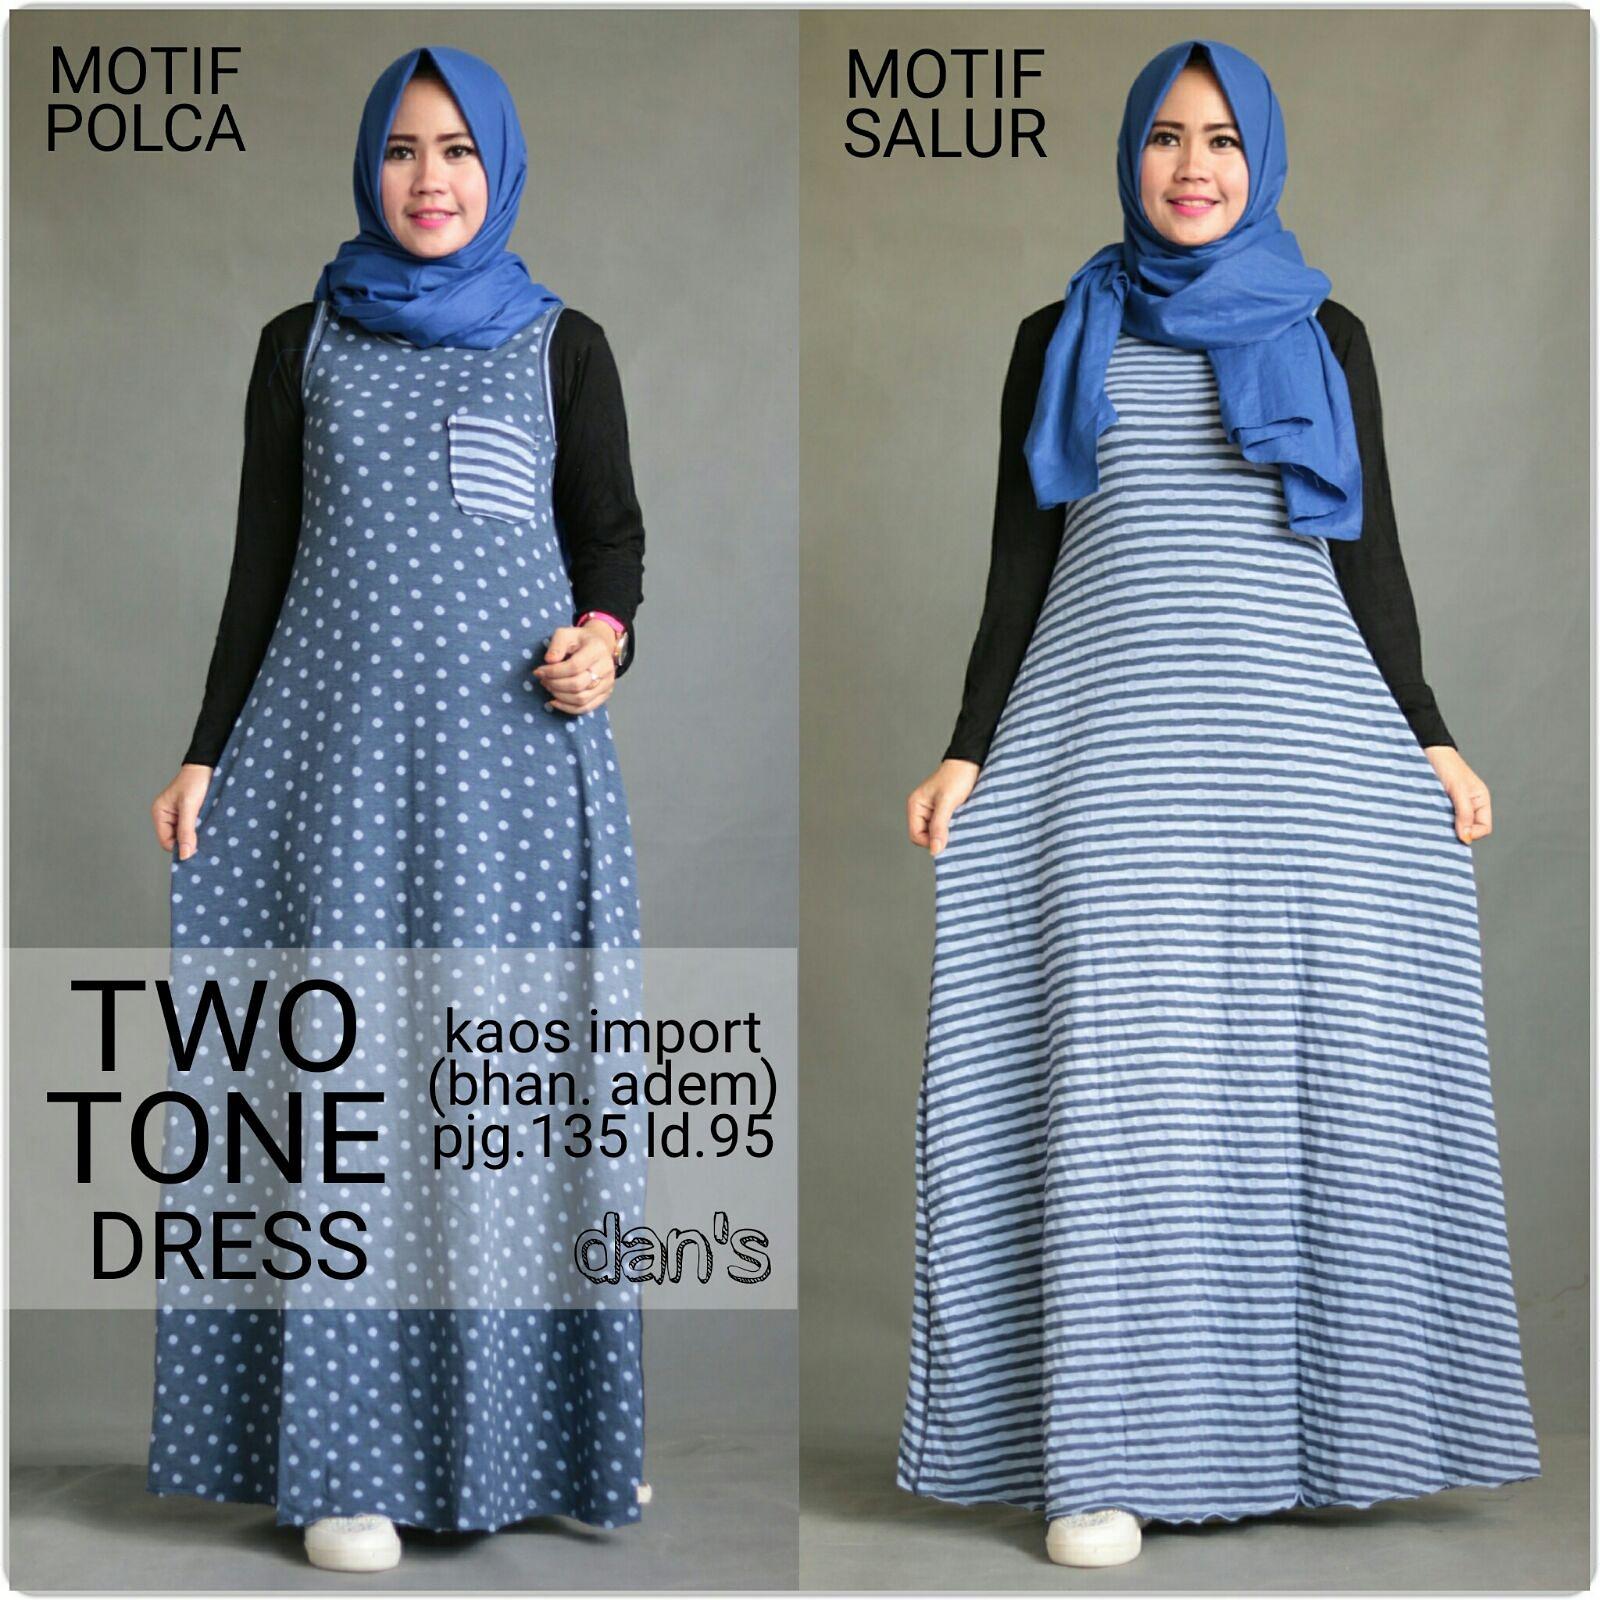 Two Tone Dress Ori Dans Butik Destira Jogja Kellen Image